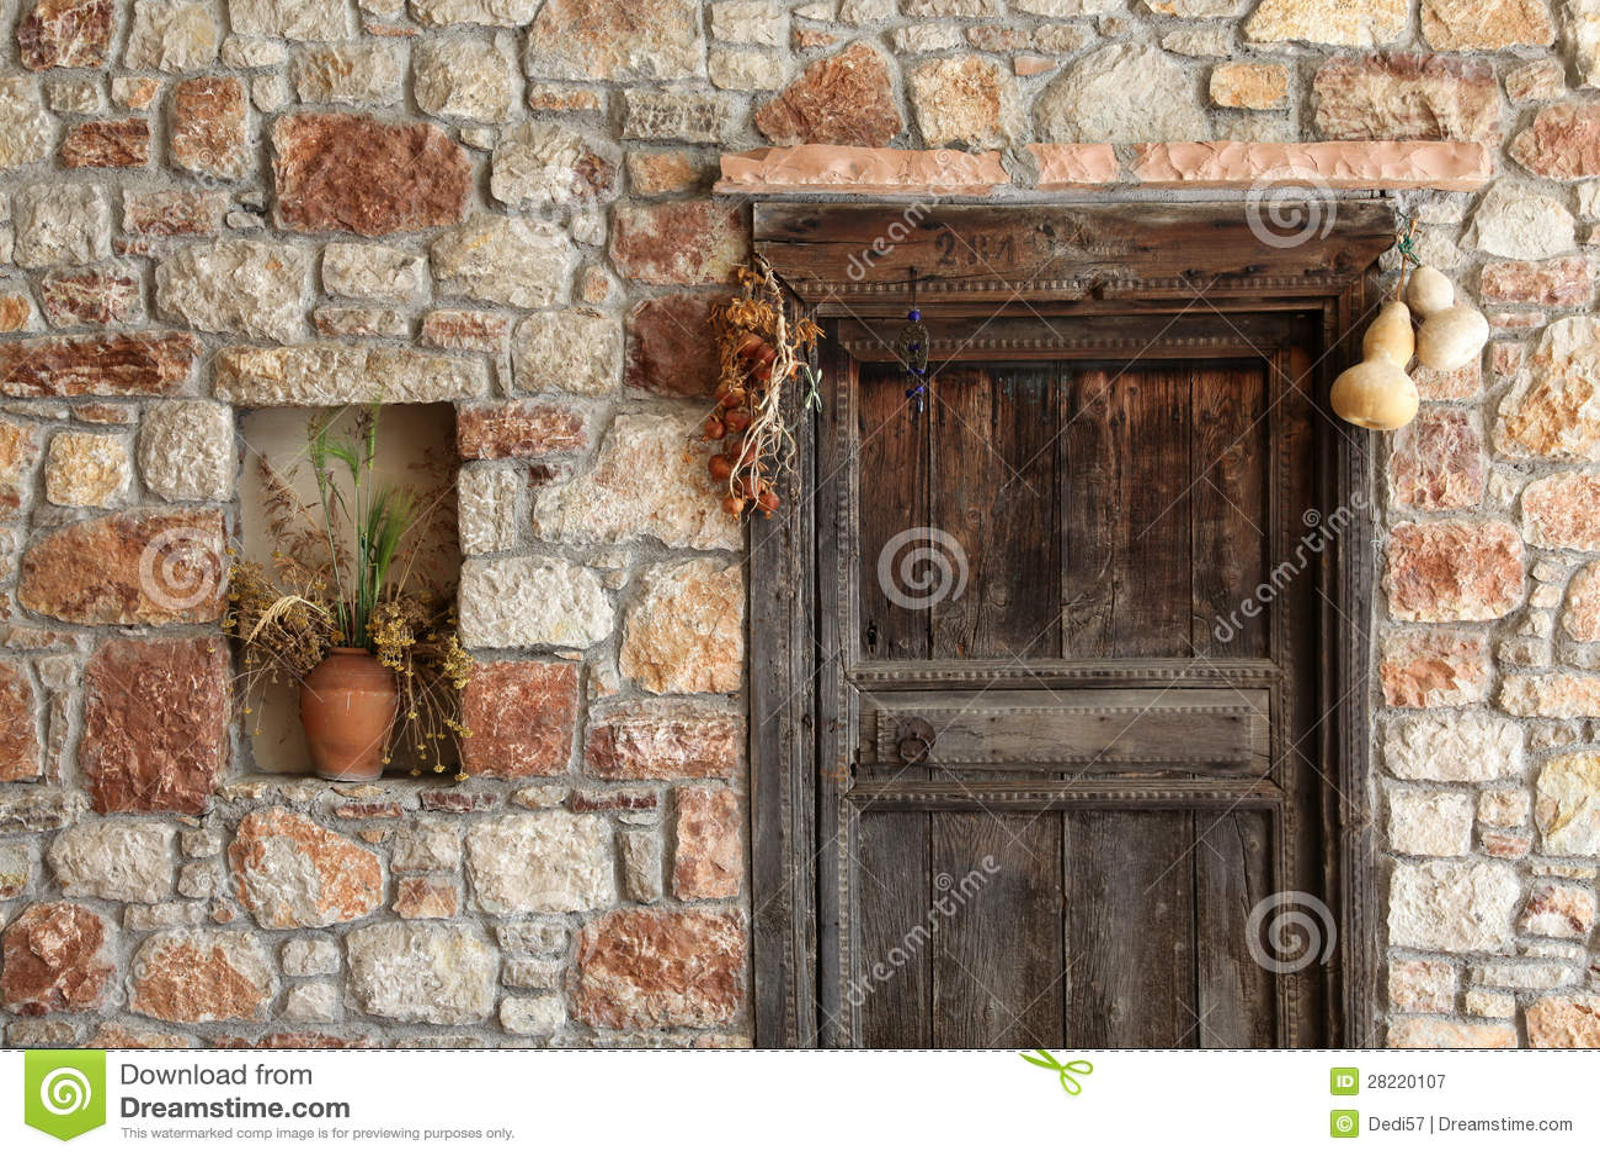 Fachada de piedra natural y puerta de madera vieja imagen - Imitacion madera para fachadas ...